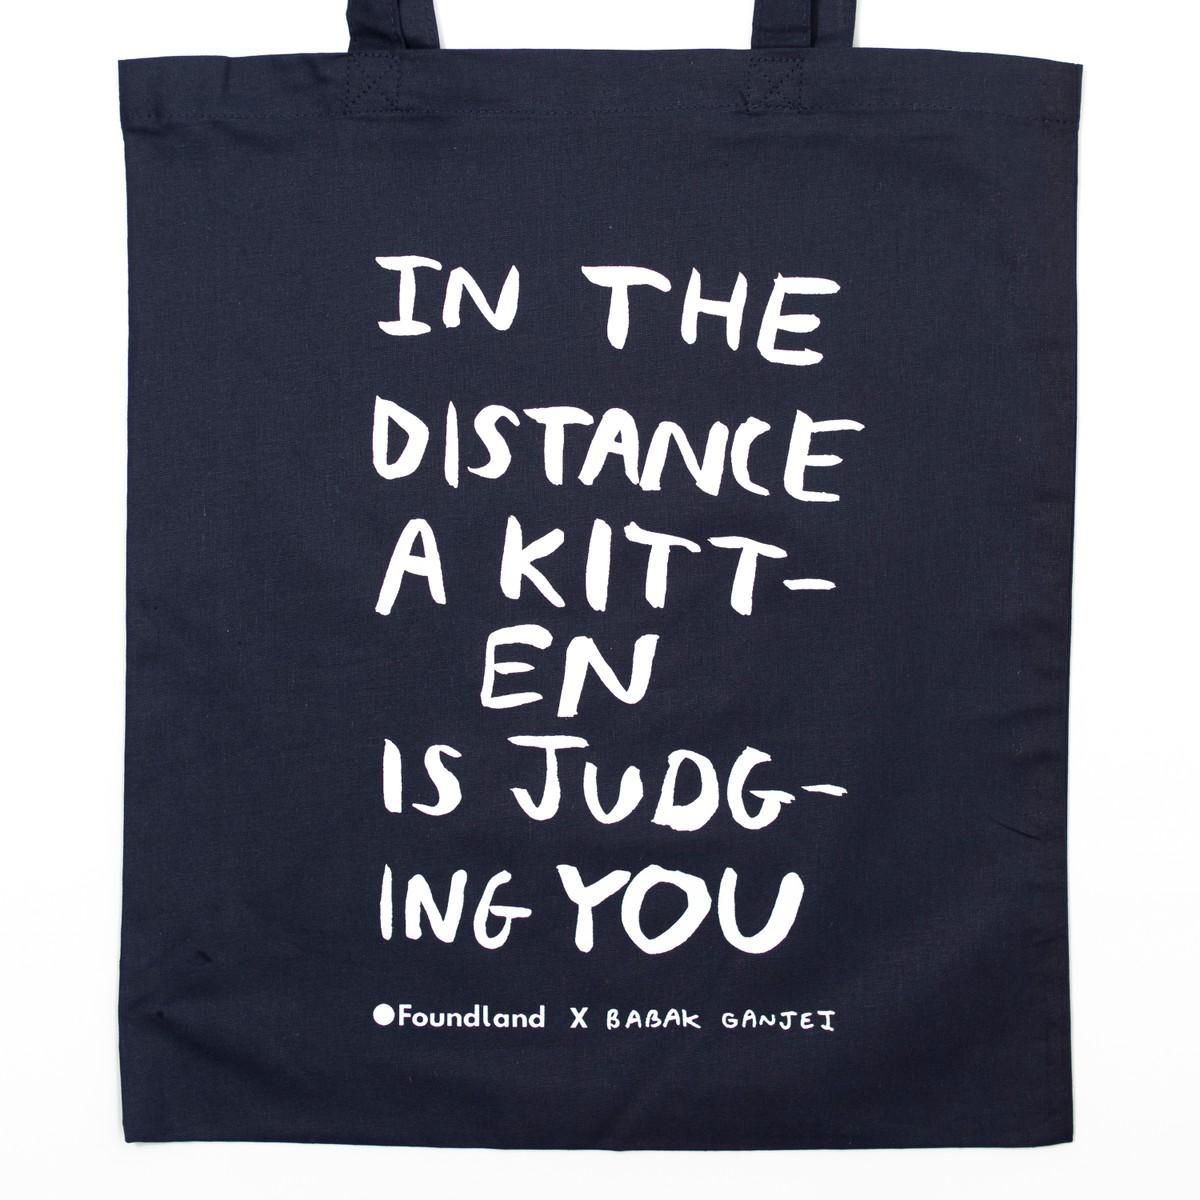 Photo of Judging Kitten Tote Bag Navy